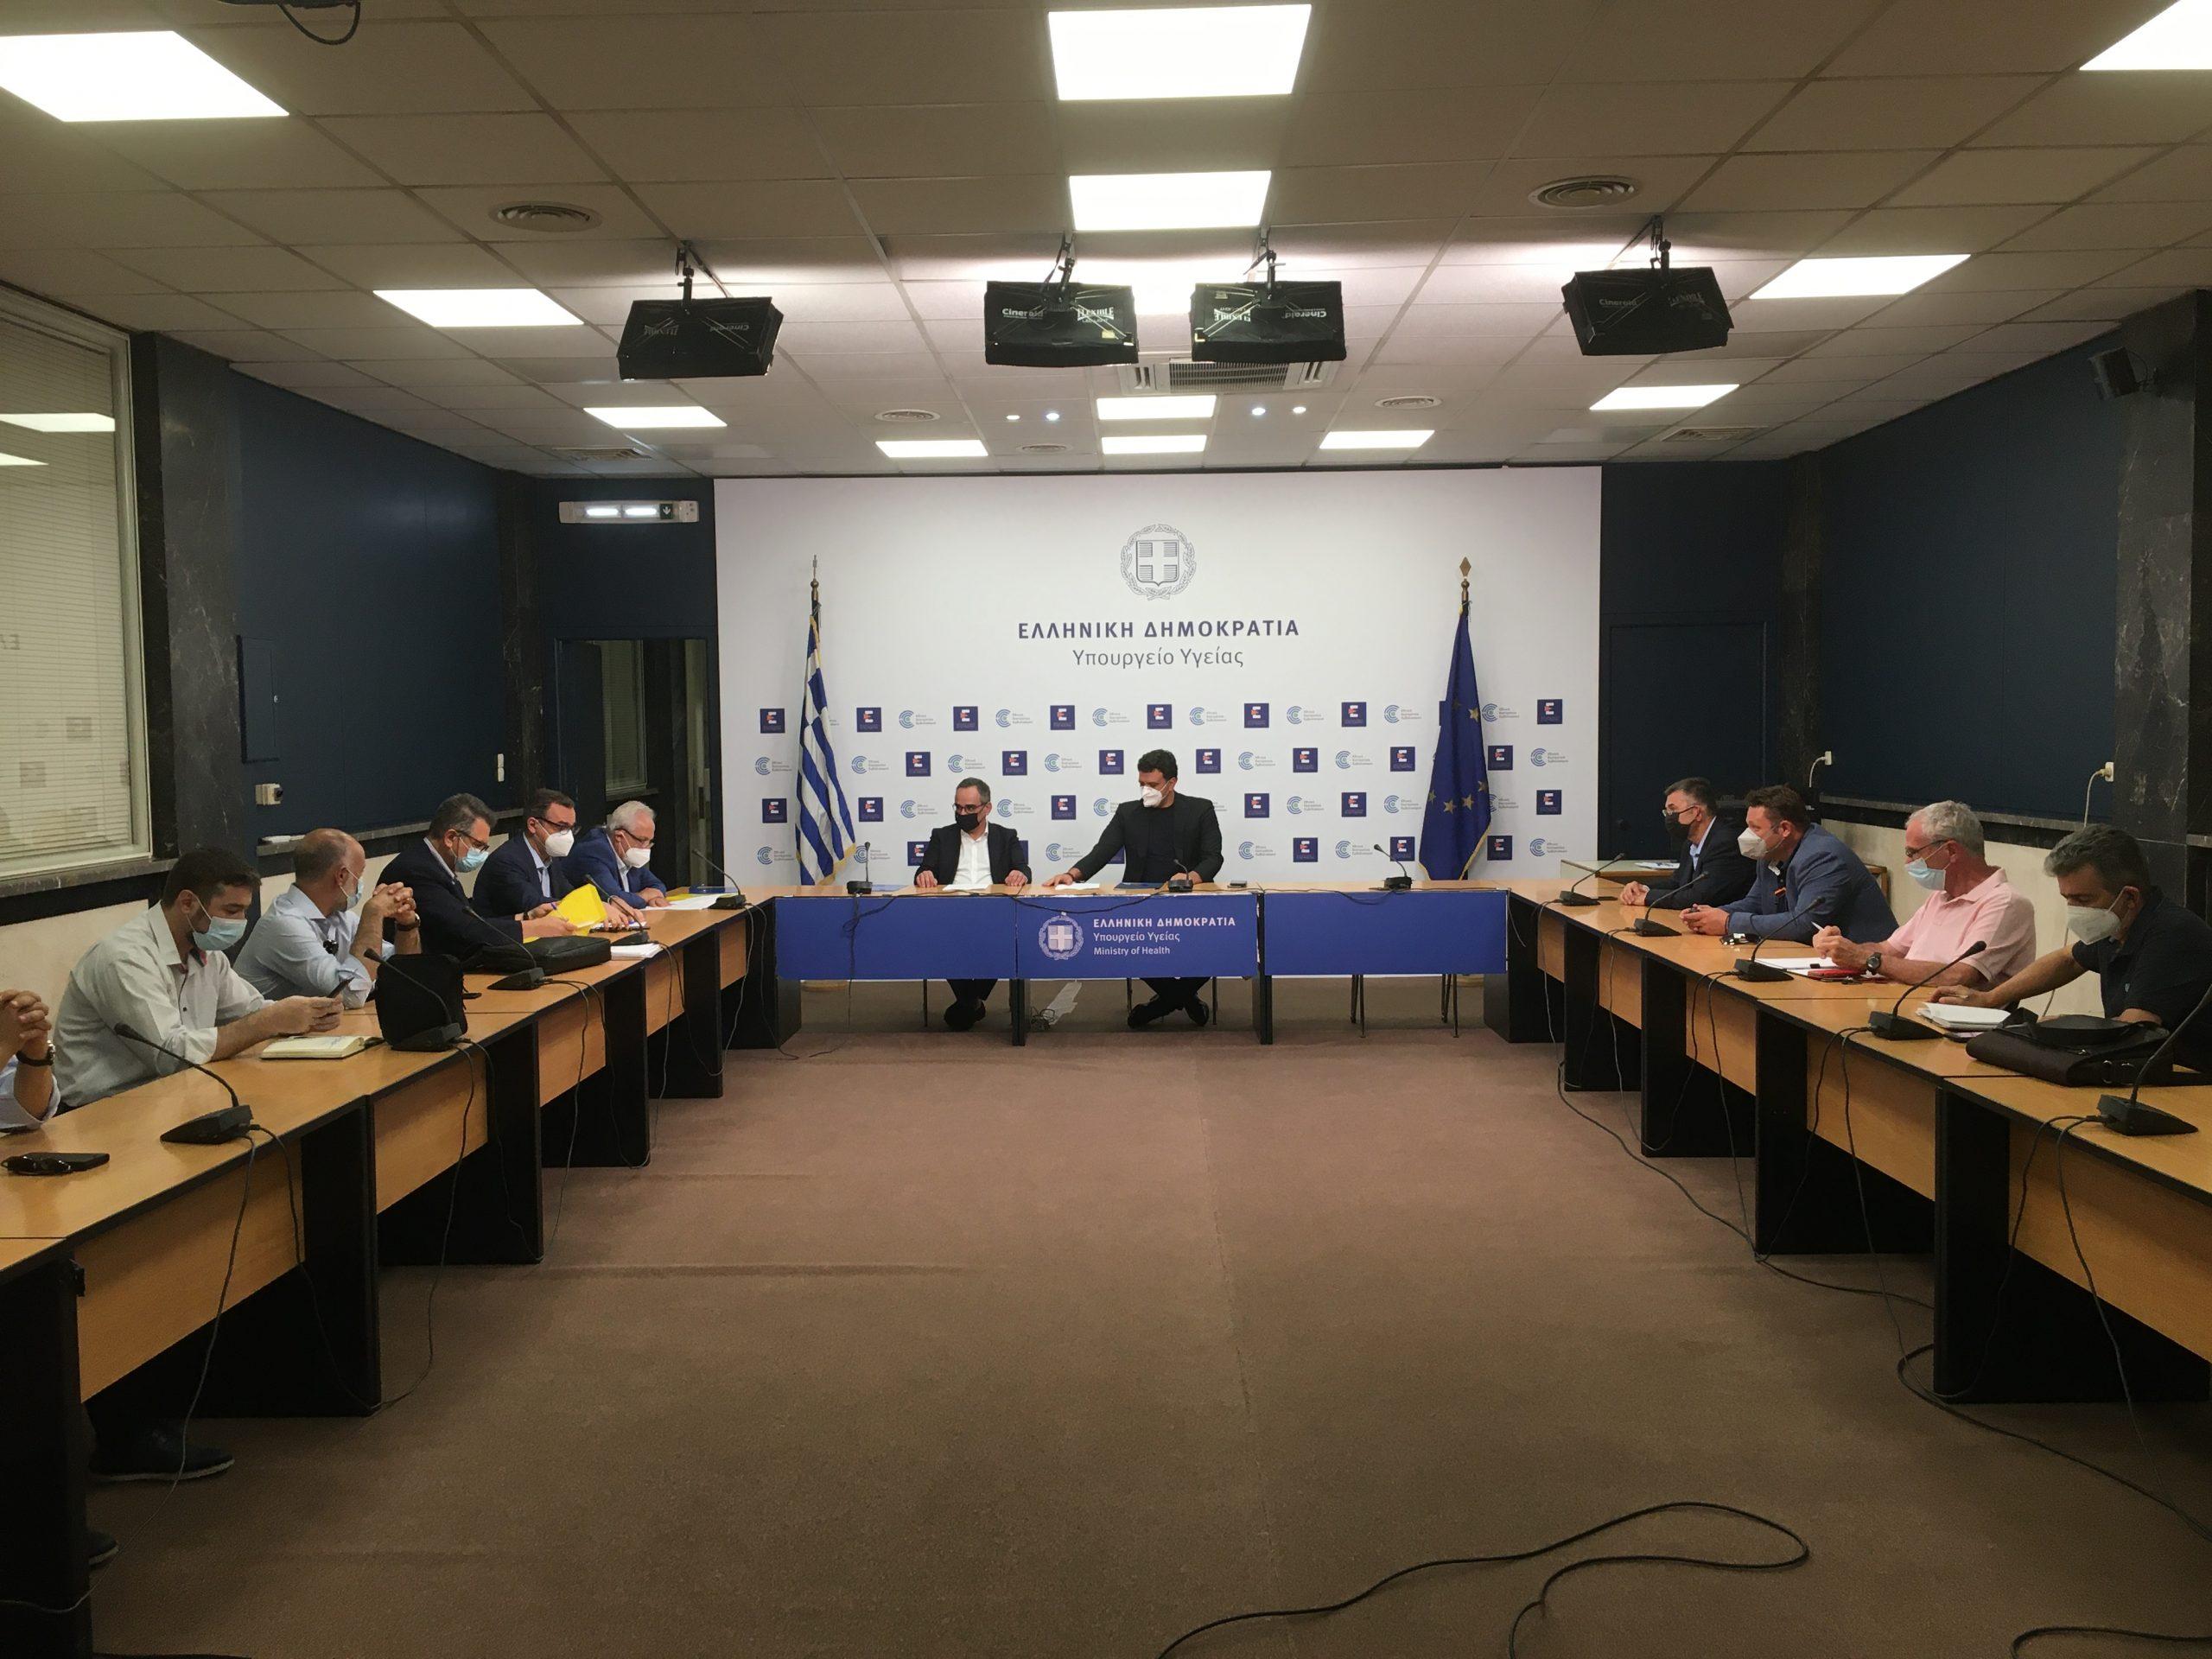 Συνάντηση Π.Φ. Σ. με τον υπουργό Υγείας Β. Κικίλια για τα προβλήματα του κλάδου